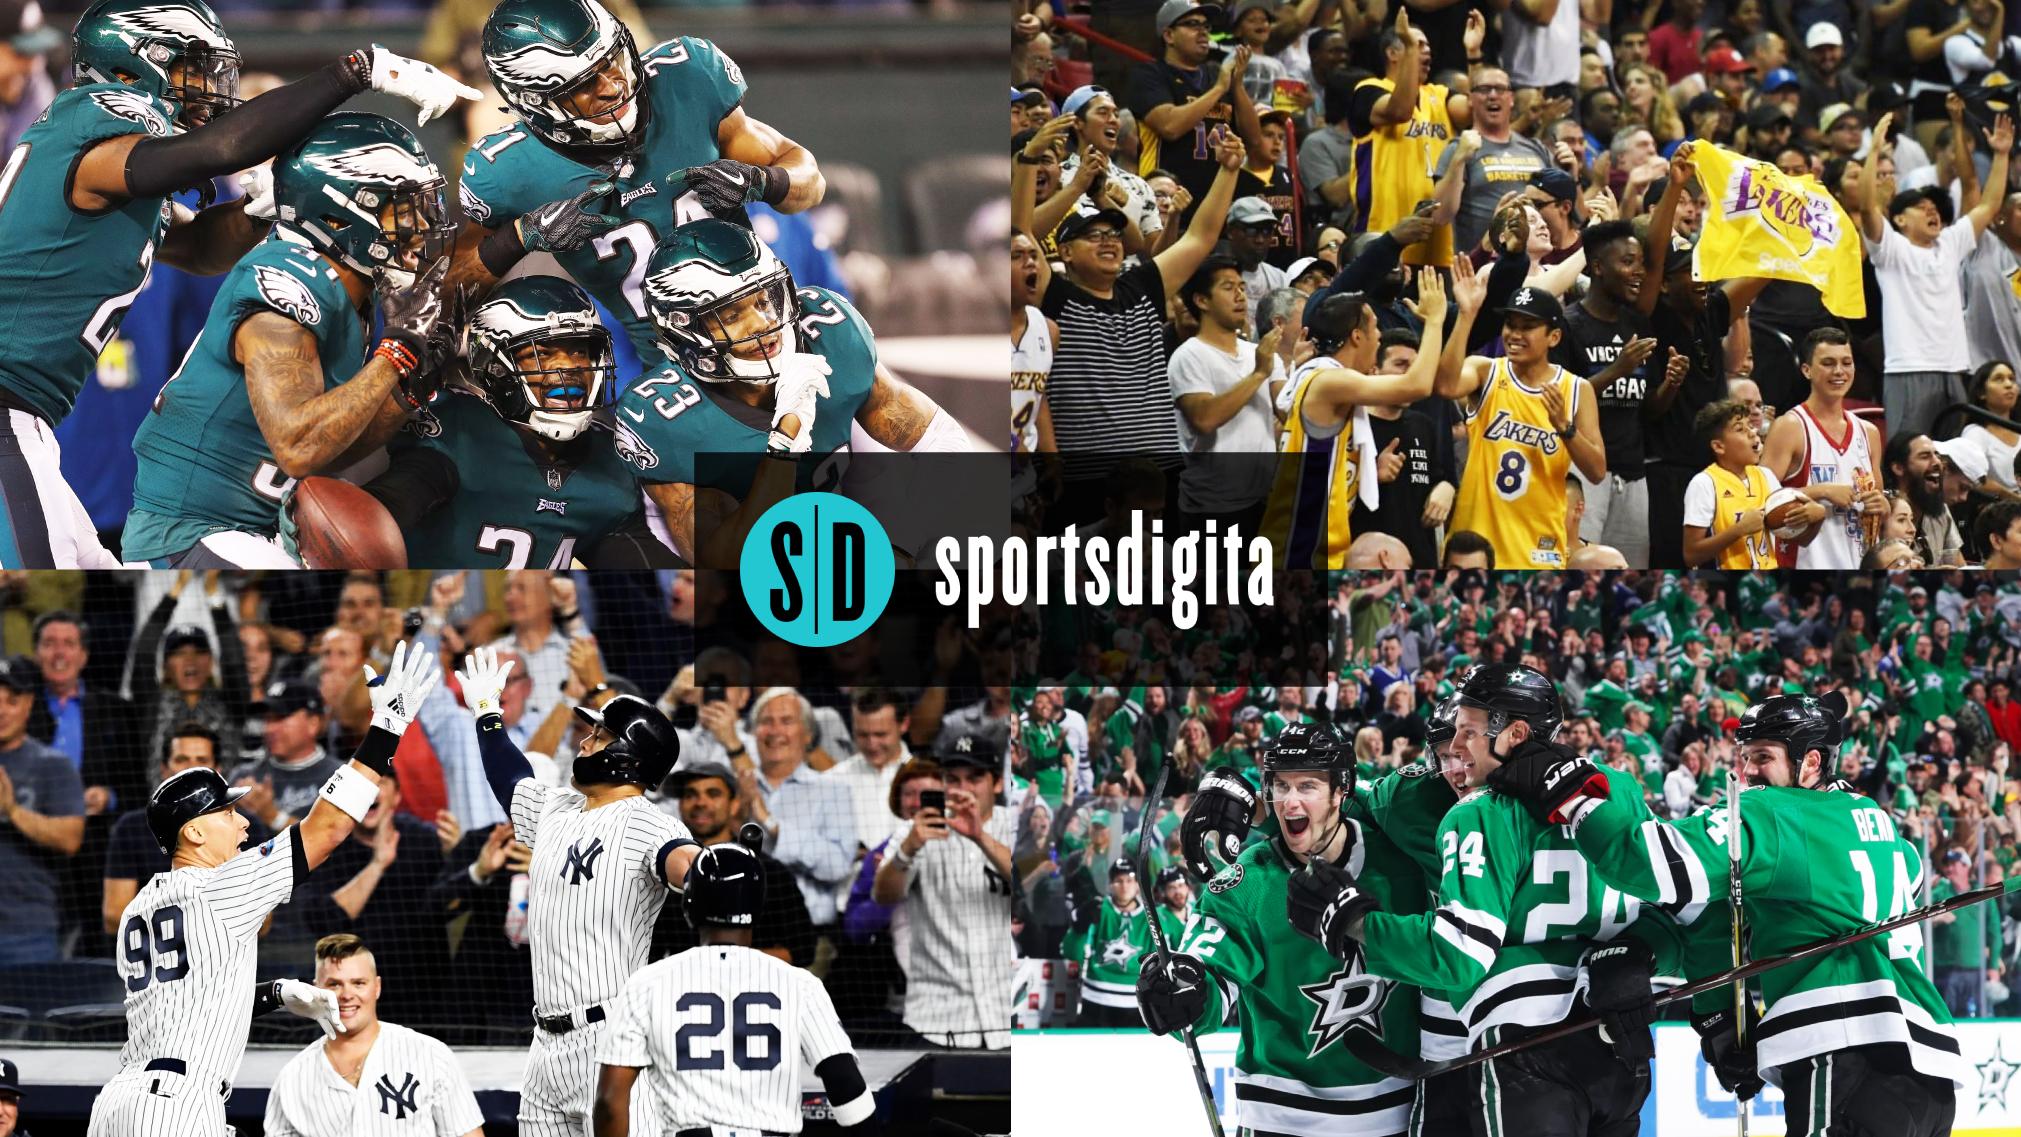 SportsDigita-Turnkey Search.jpg